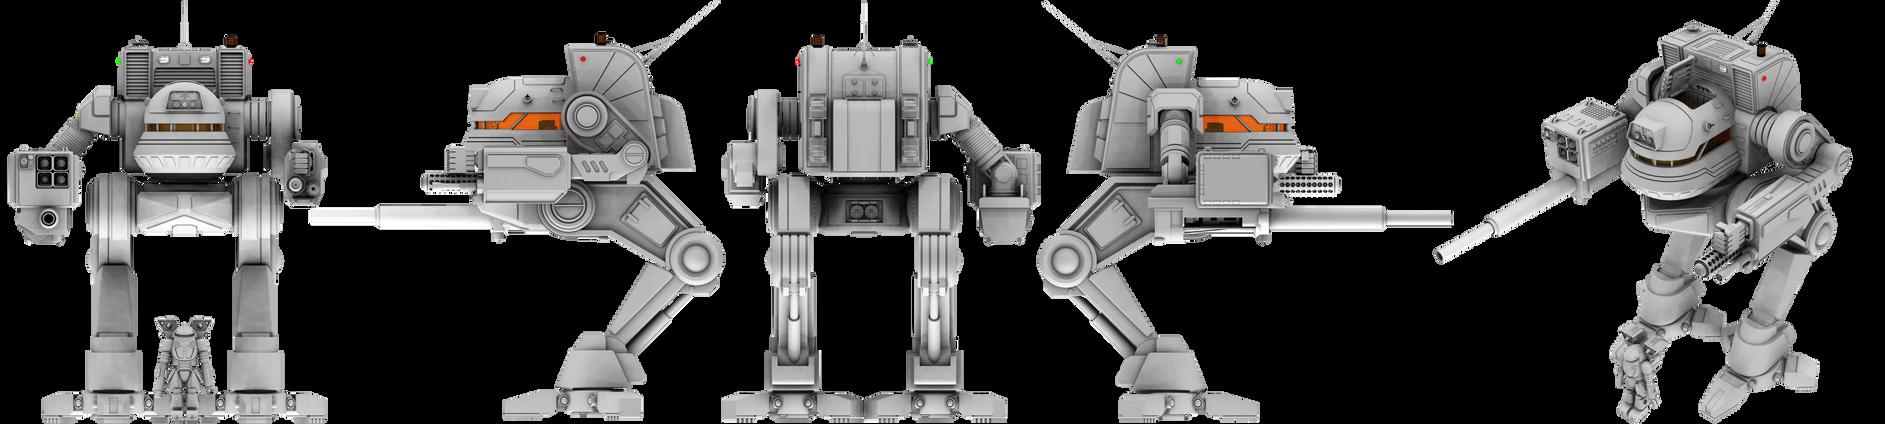 MechWrrior / BattleTech - Uller / Kit Fox